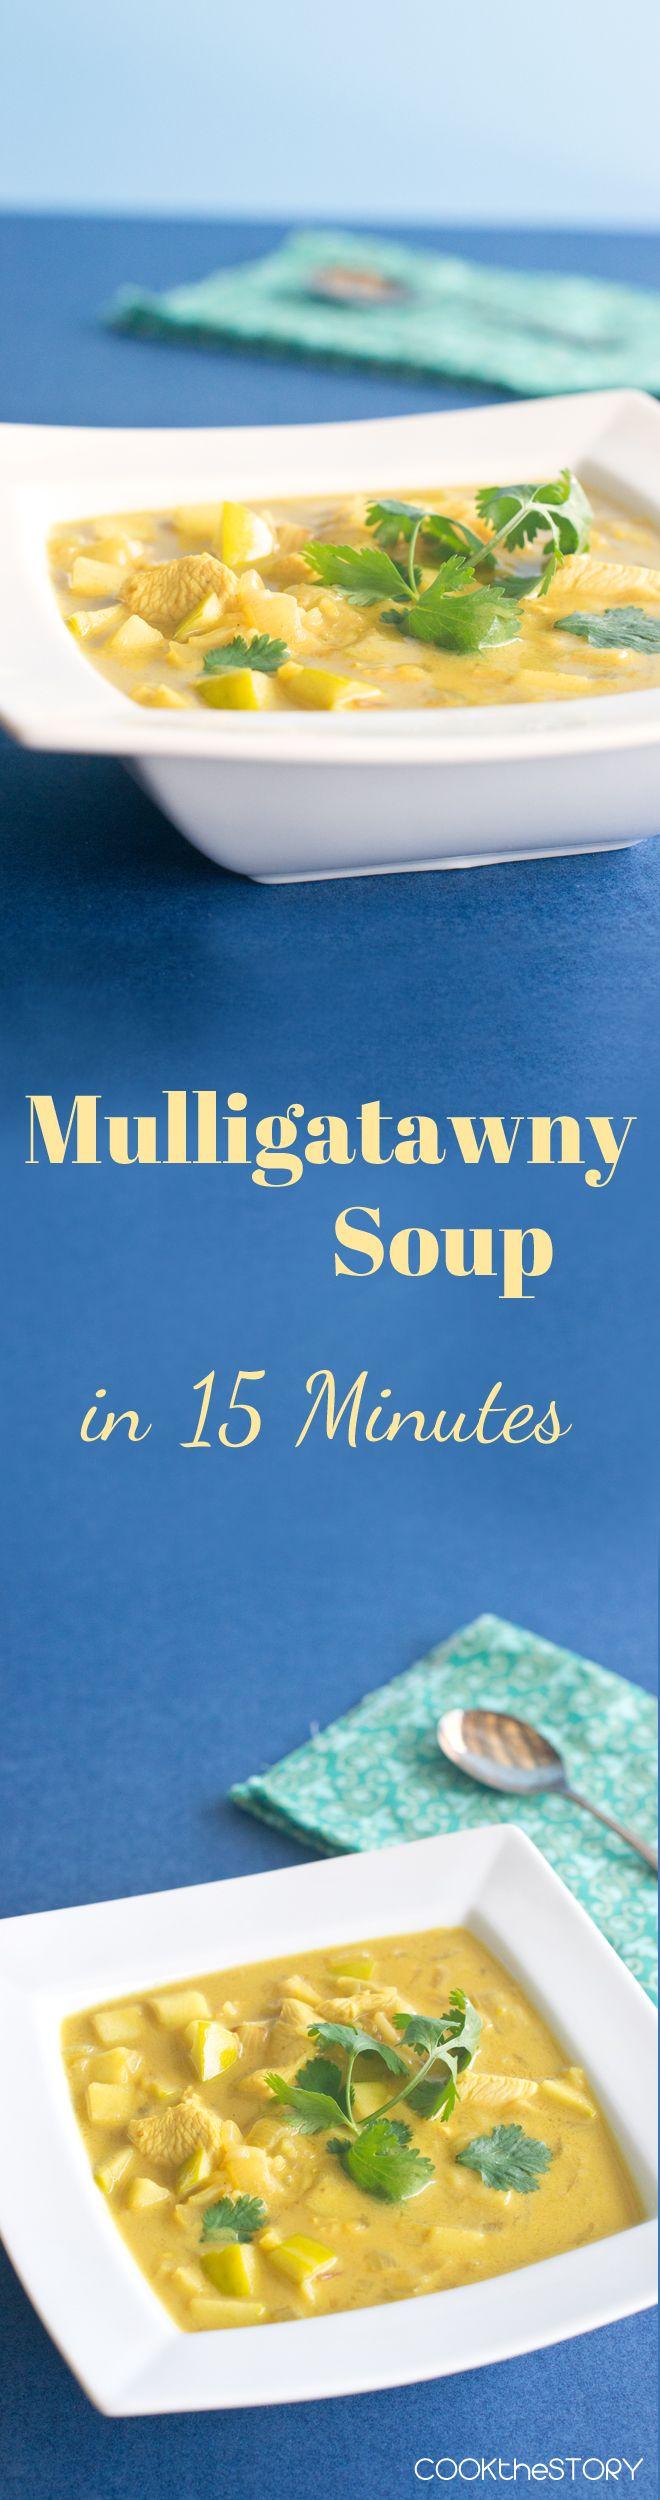 Mulligatawny Soup in 15 Minutes #mulligatawnysoup